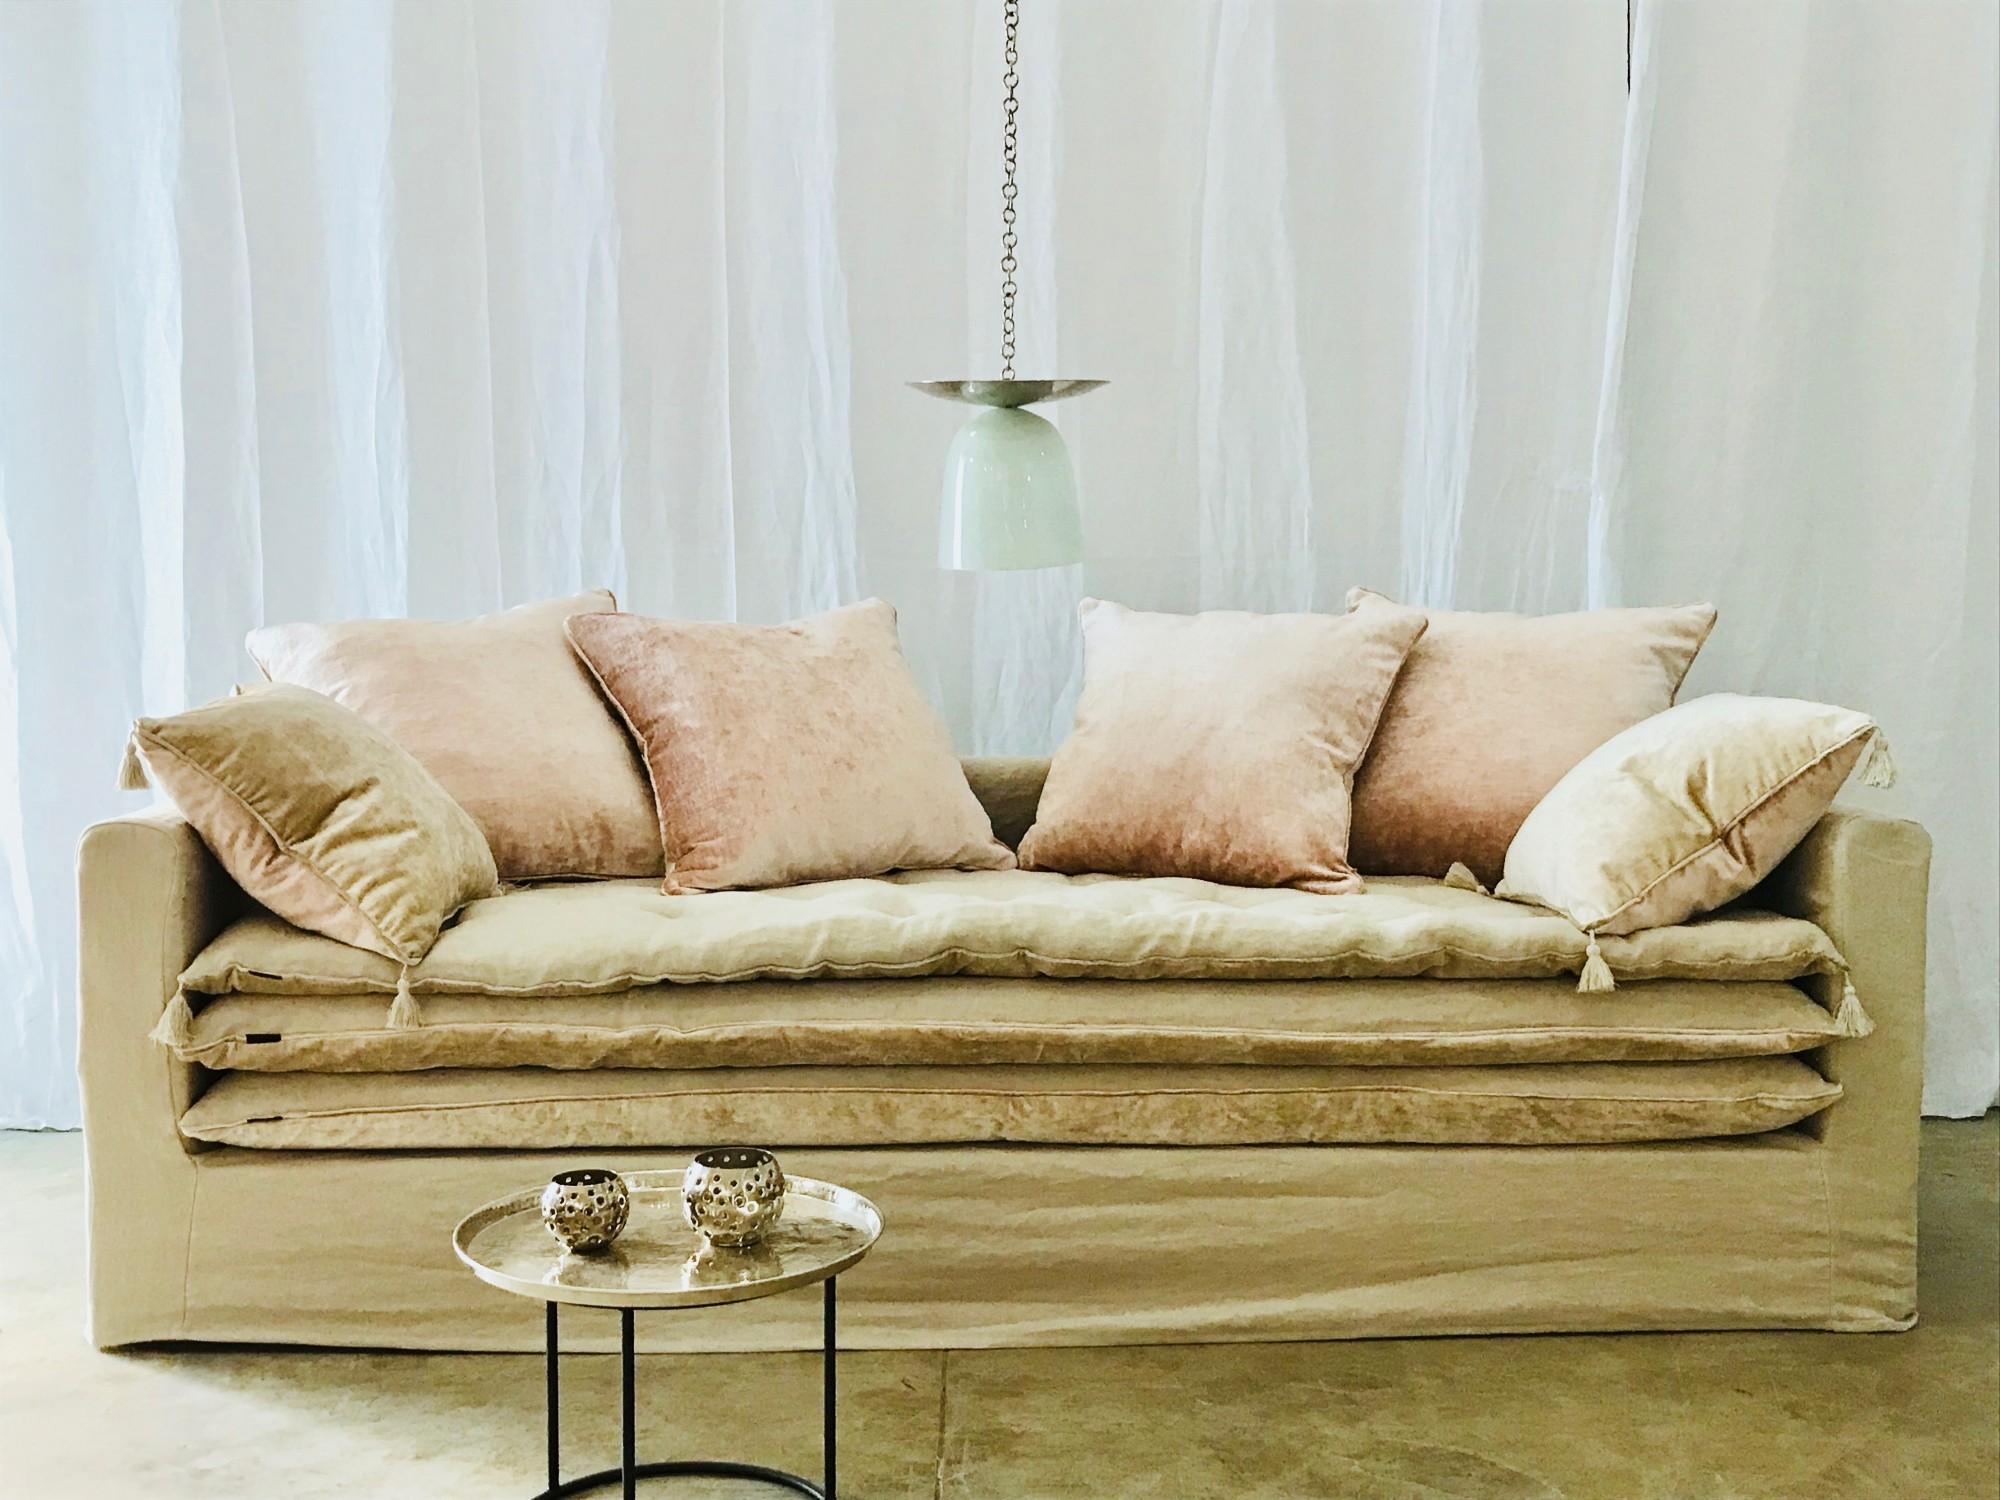 Canapé sur mesure lin lavé beige ficelle Cannes et Valbonne Côte d'azur